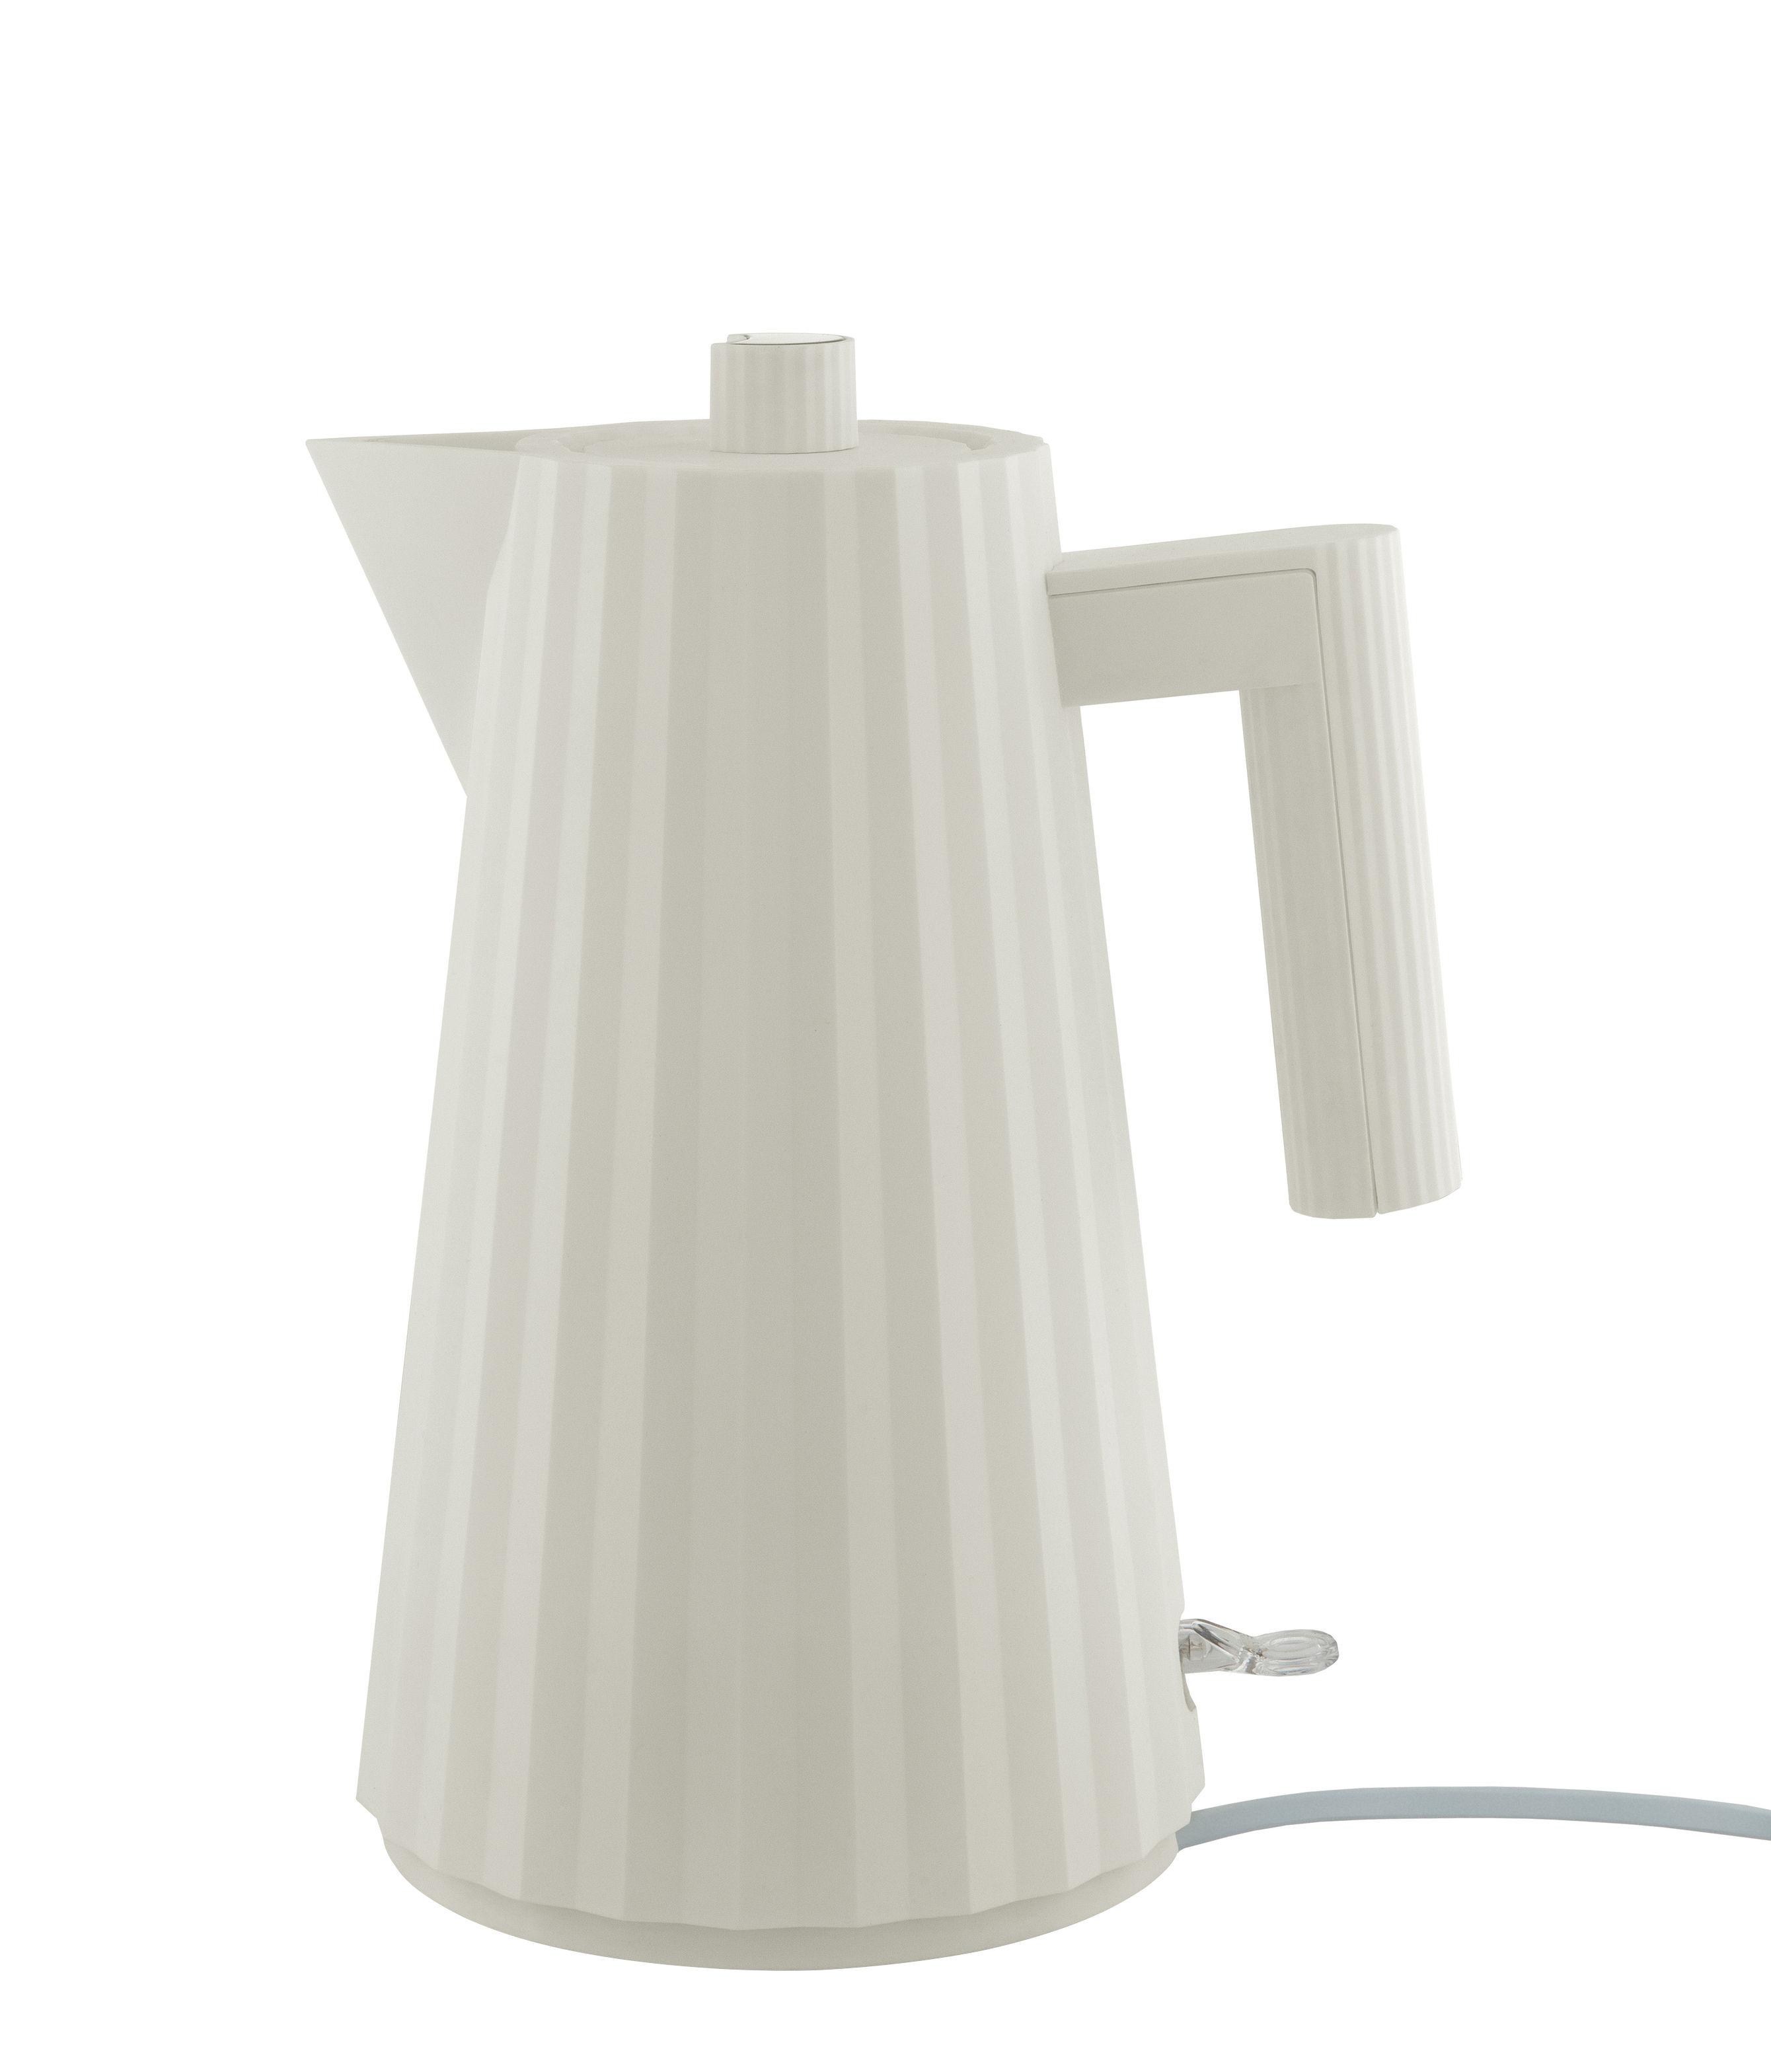 Küche - Teekannen und Wasserkessel - Plissé Wasserkocher / 1,7 l - Alessi - Weiß - thermoplastisches Harz